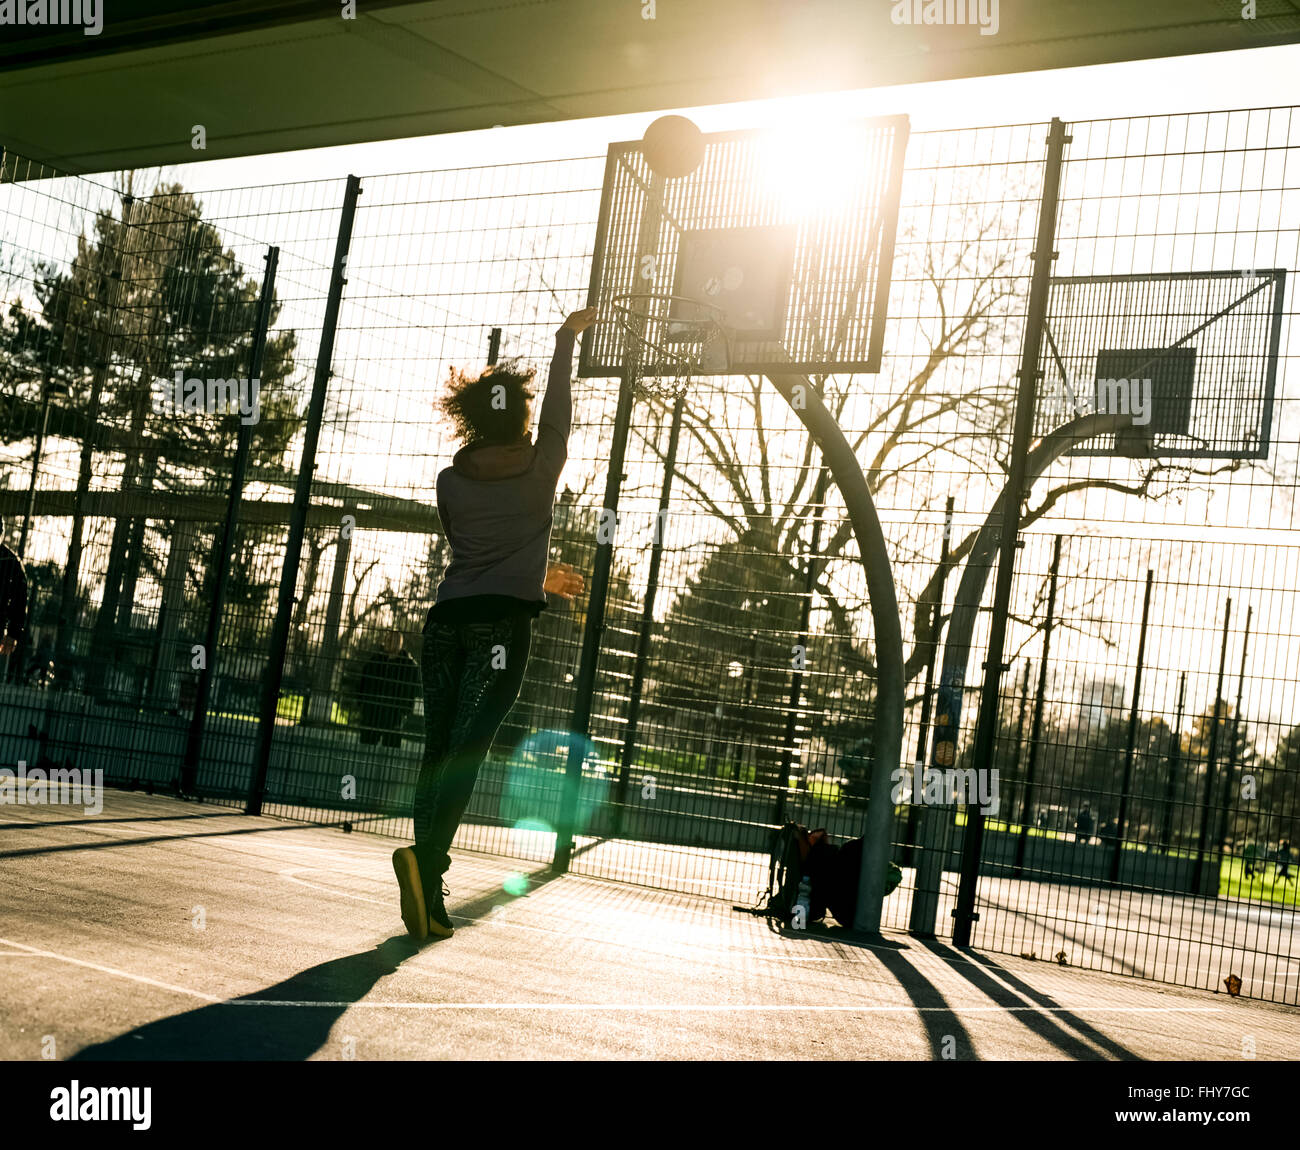 Vue arrière de jeune femme jetant sur un terrain de basket-ball Photo Stock